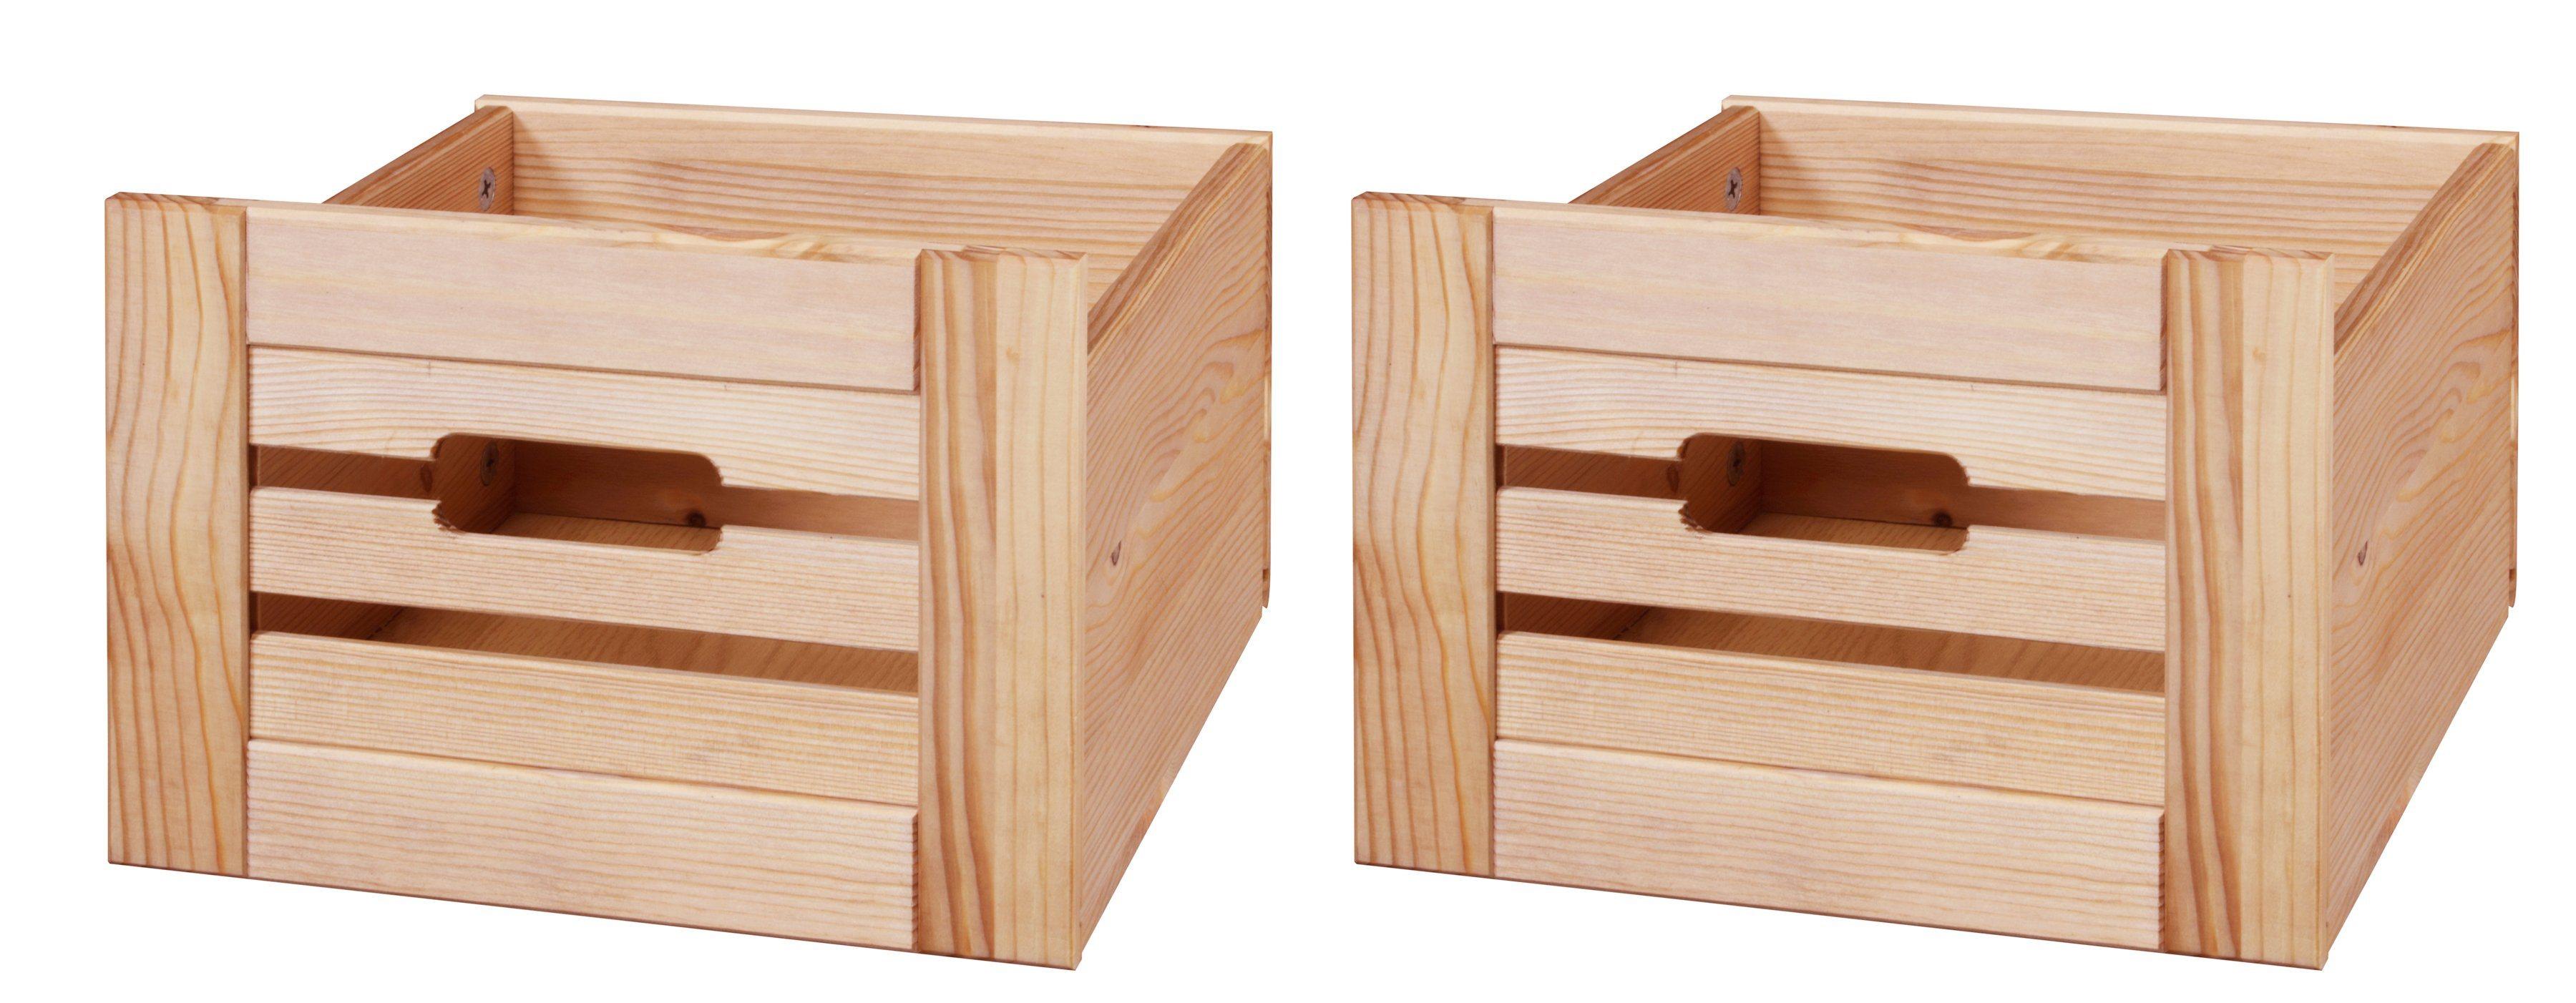 Set: Aufbewahrungsbox »Venezia Landhaus«, 2er-Set, Kiefernholz, B/T/H: 26 x 29,5 x 19,5 cm   Dekoration > Aufbewahrung und Ordnung > Kästchen   Farbig   Massivholz